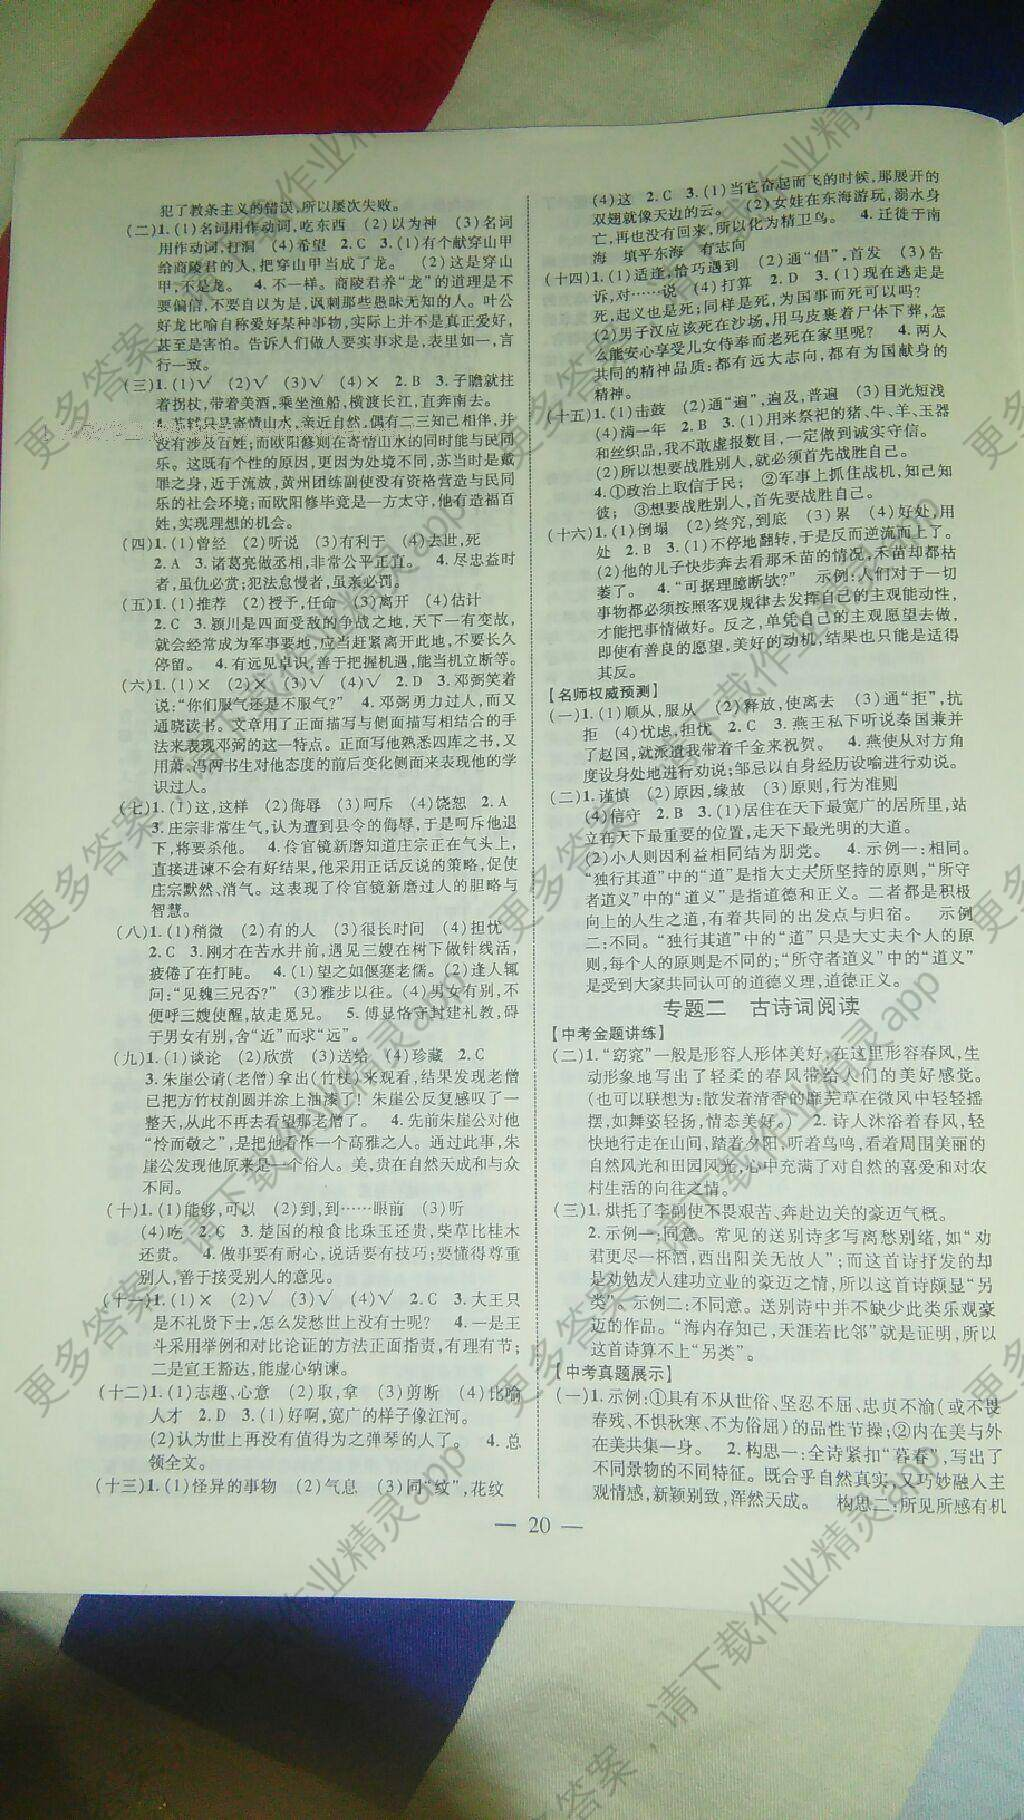 陕西省总人口多少人读作多少_陕西省洋县人刘小艳